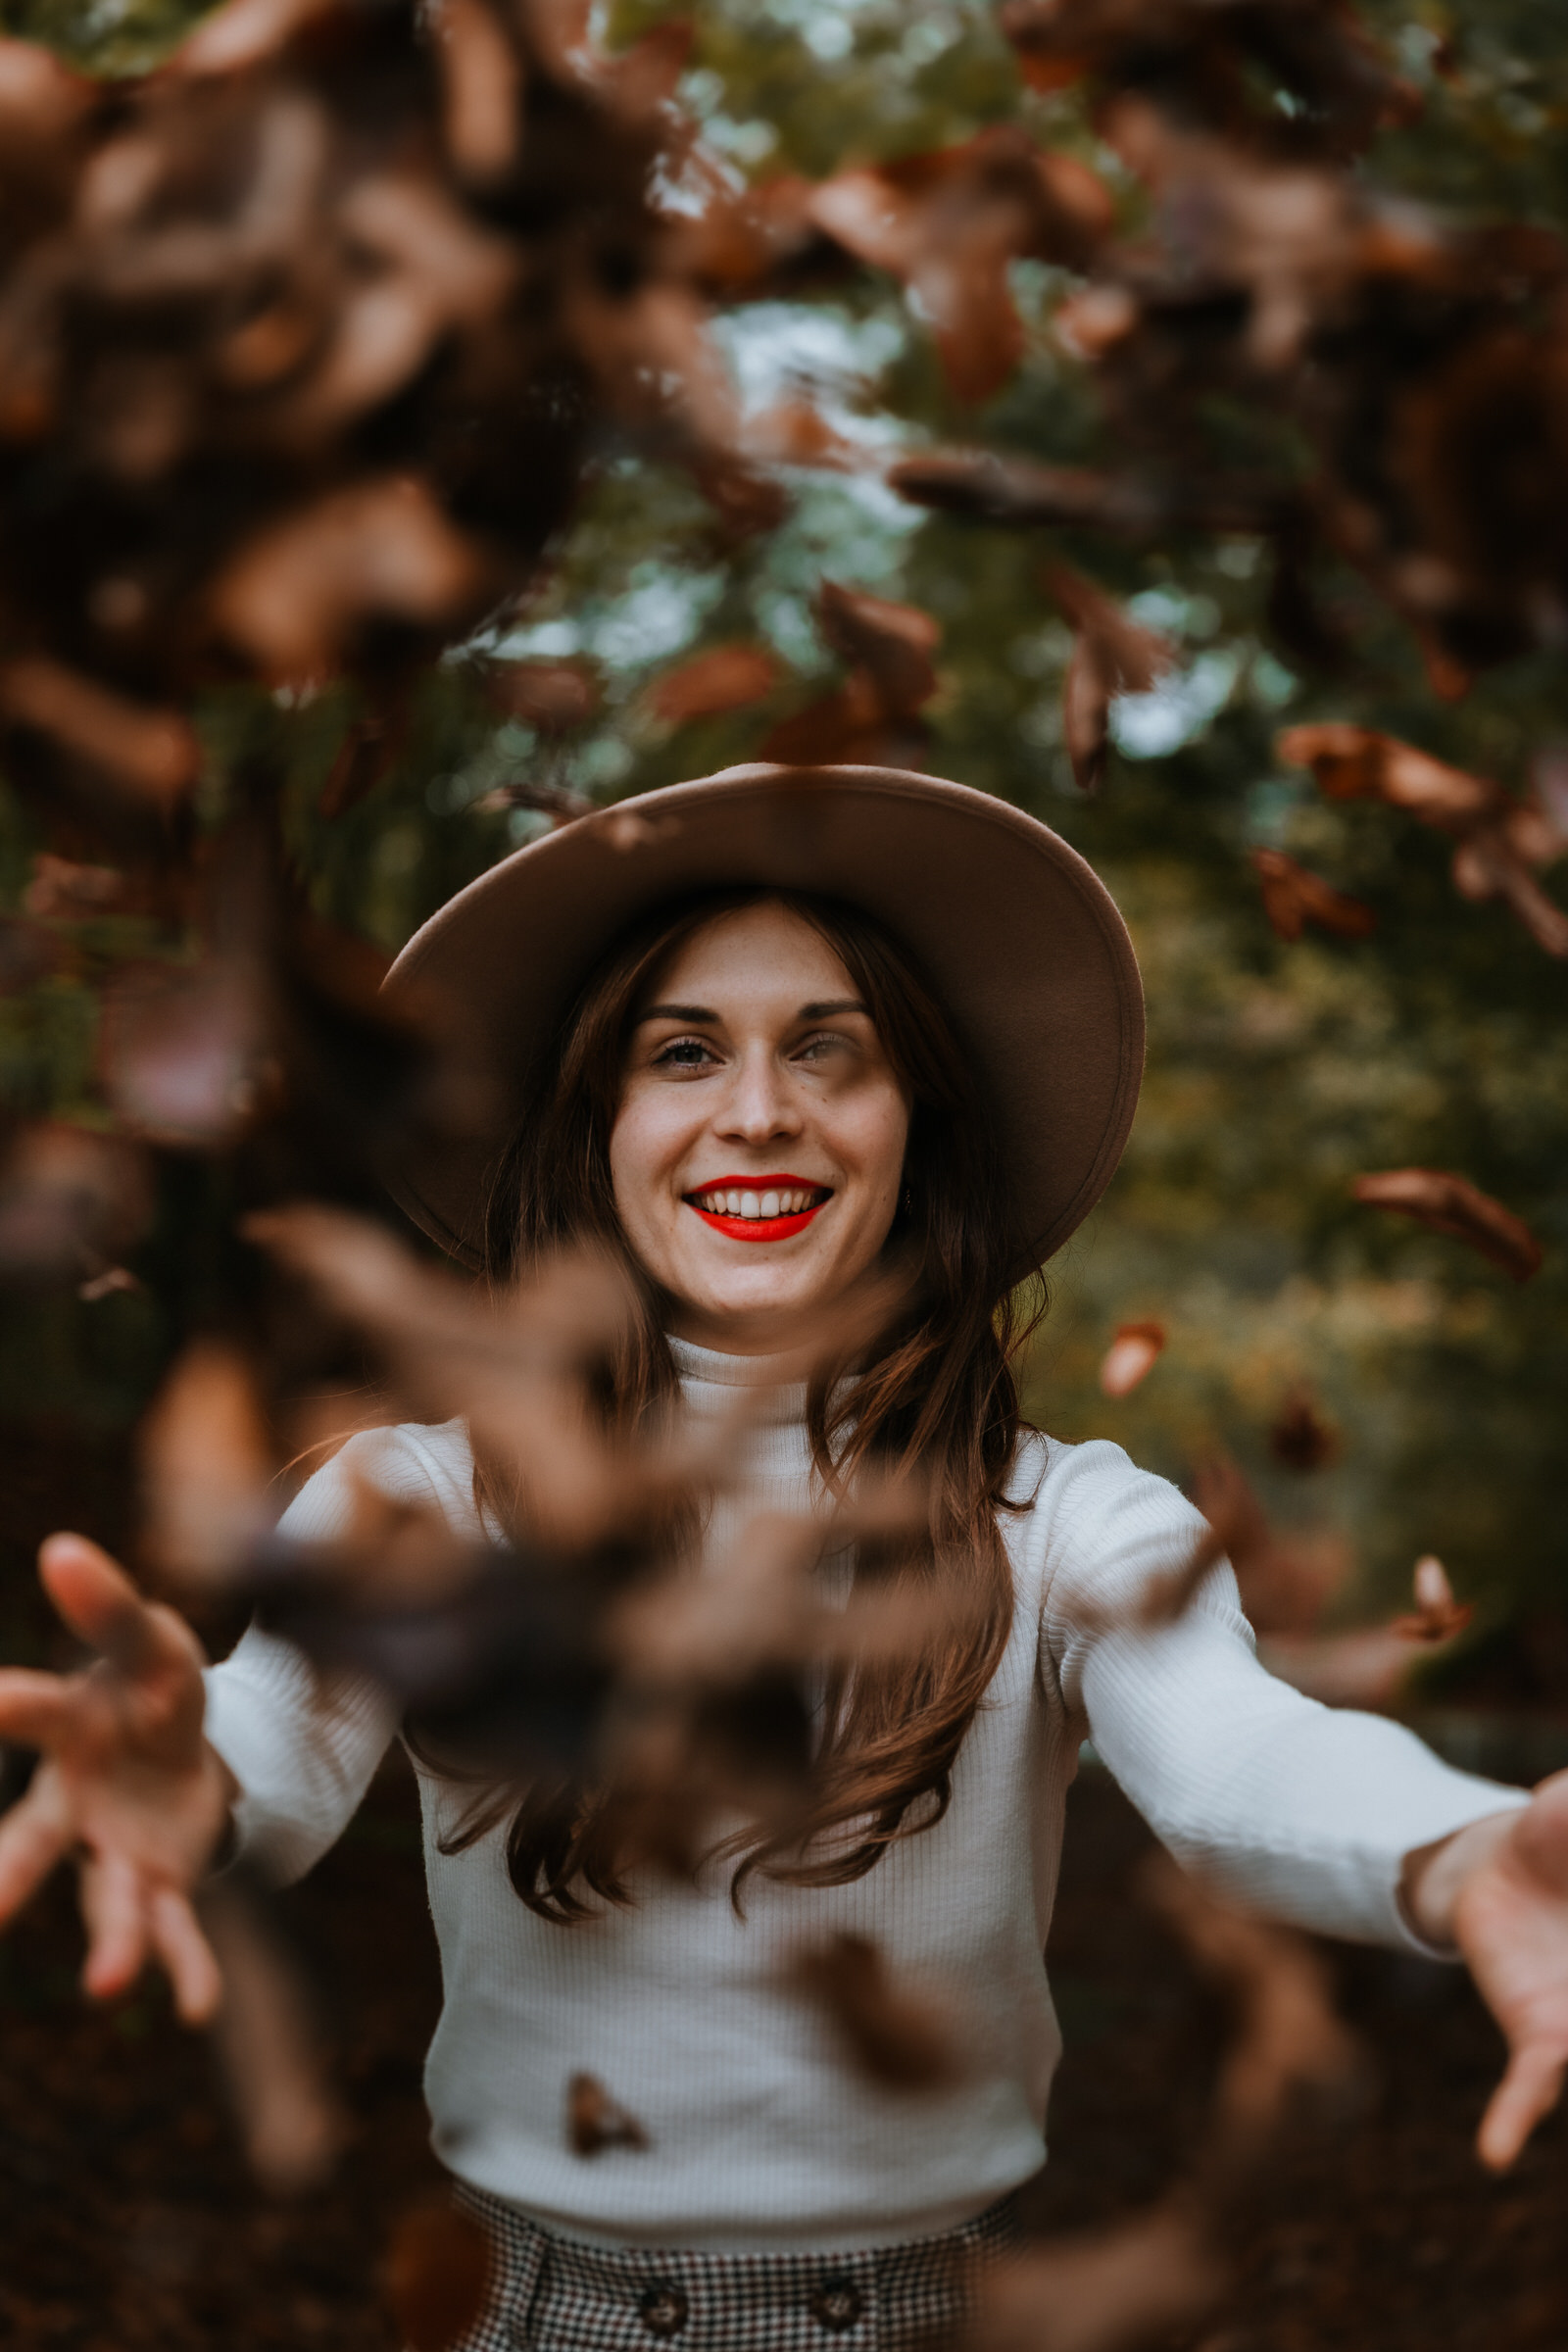 Daphné_automne_MargotMchn-81